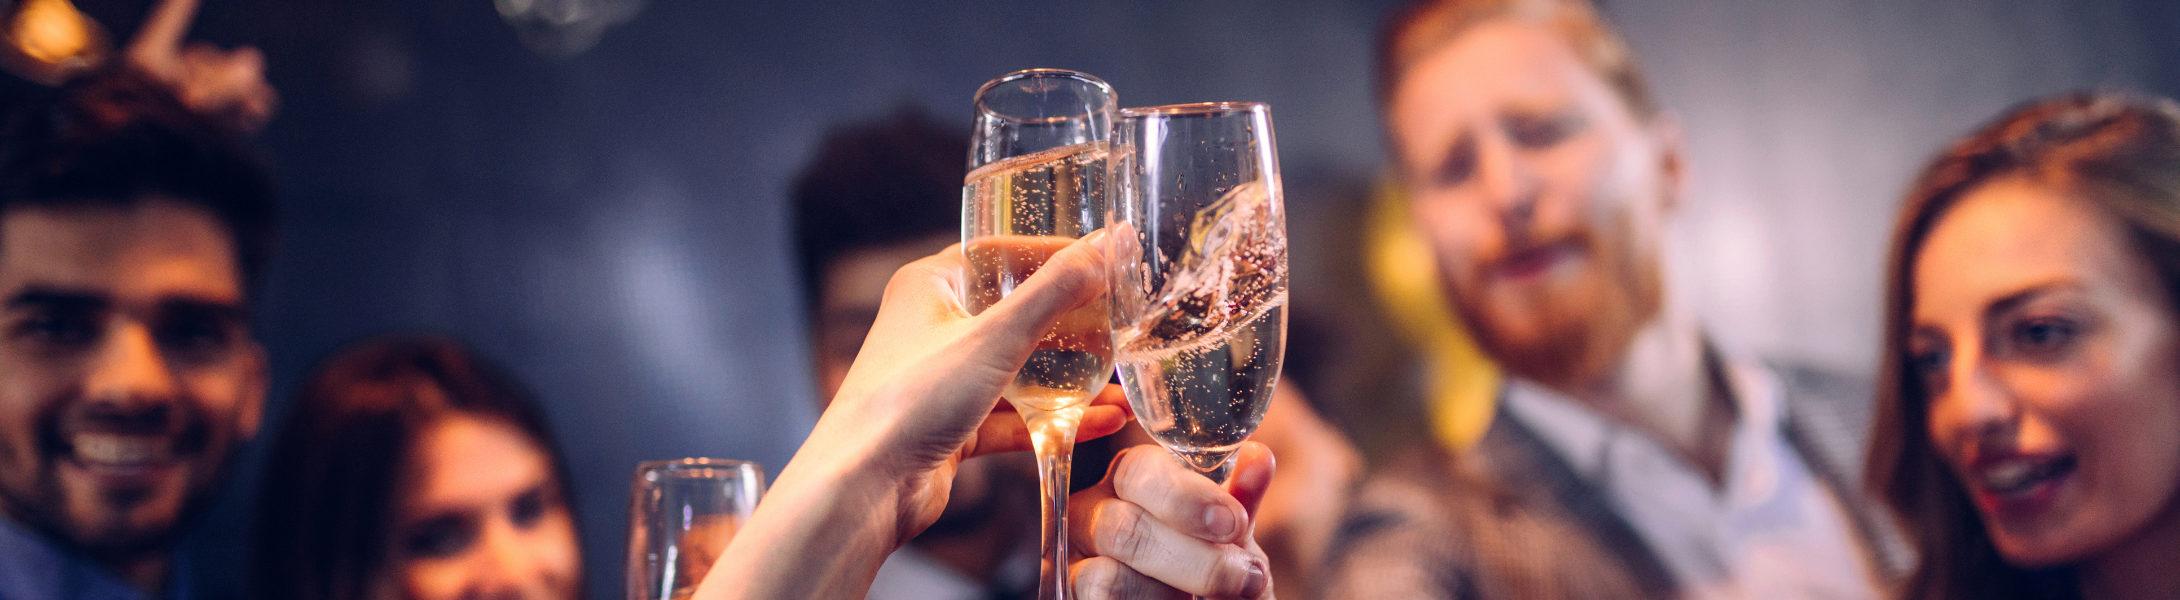 Juristen feiern eine Party